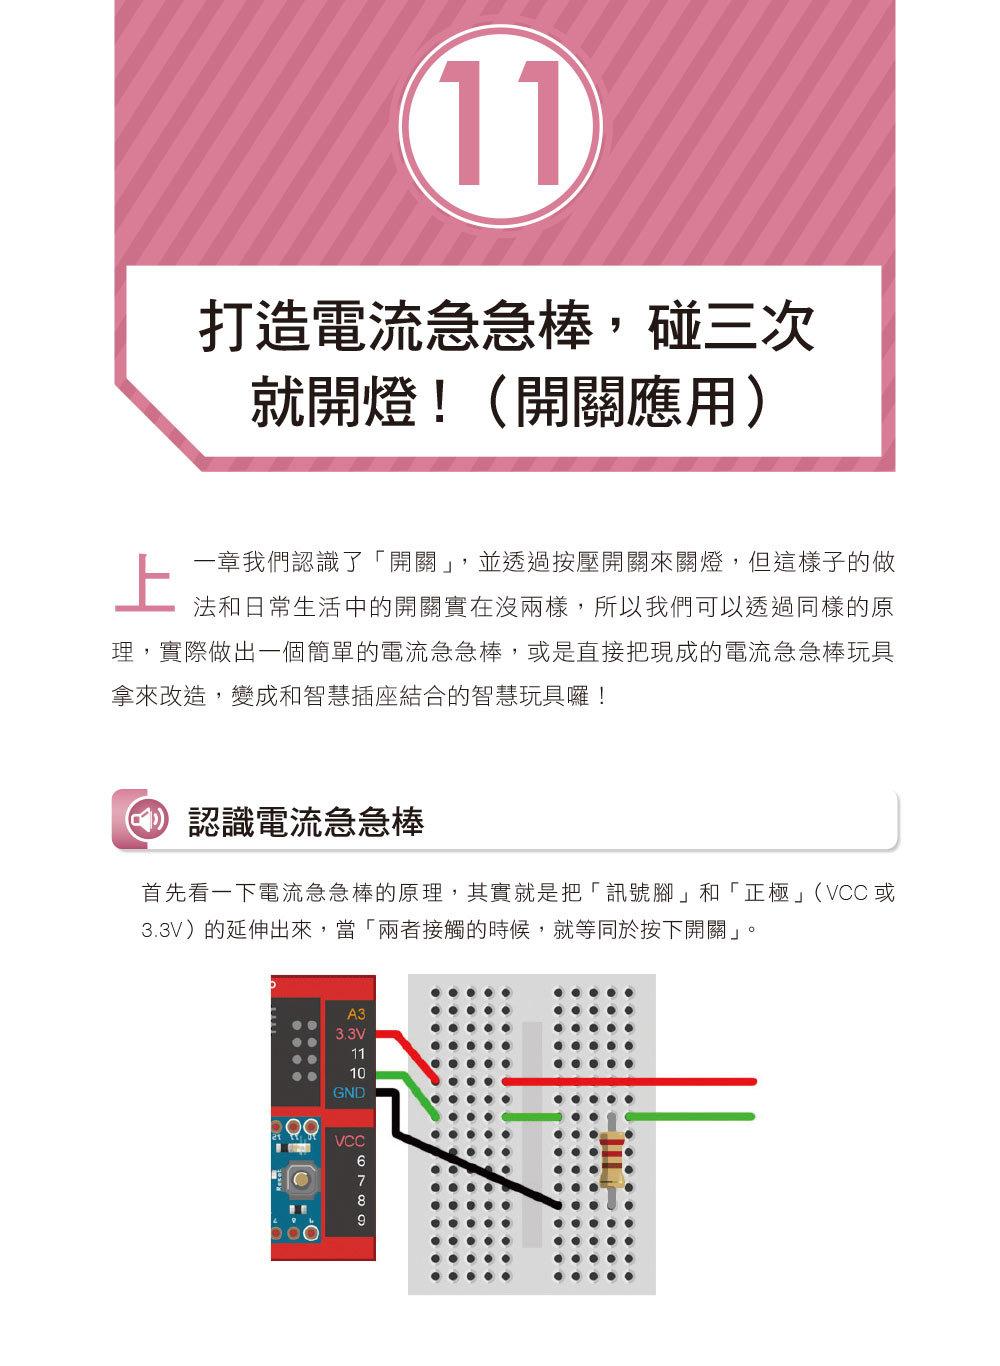 實戰家電物聯網|Webduino 智慧插座 x Node.js x 雲端服務整合-preview-9